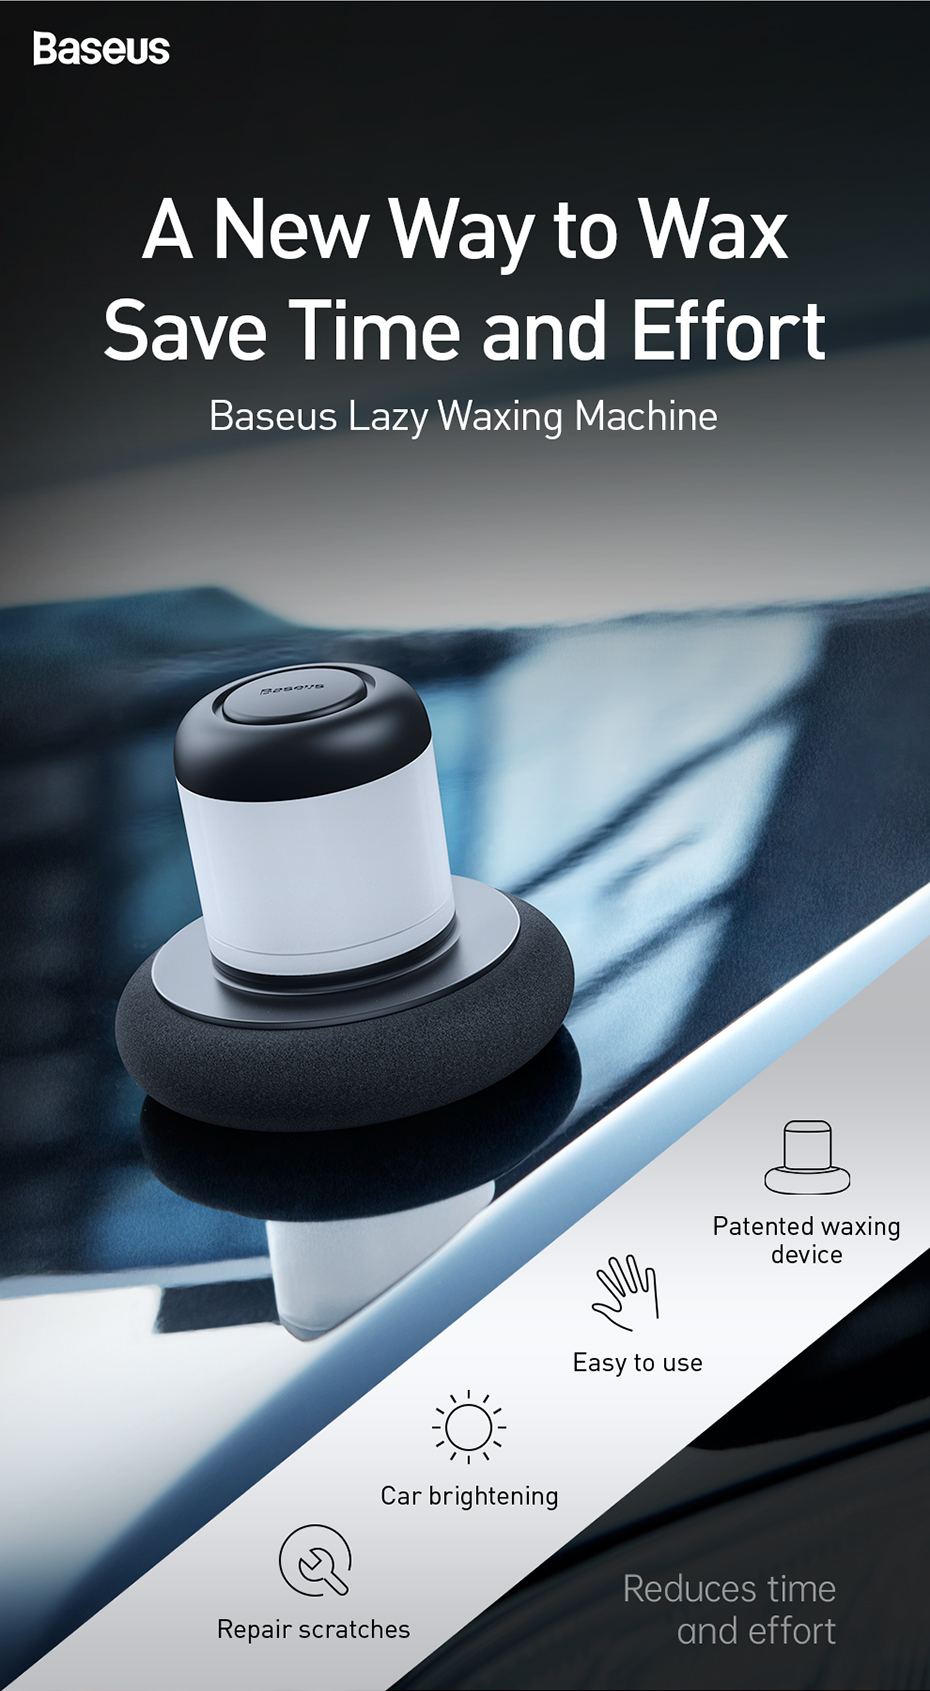 Εργαλειομηχανή γυαλίσματος αυτοκινήτου msow